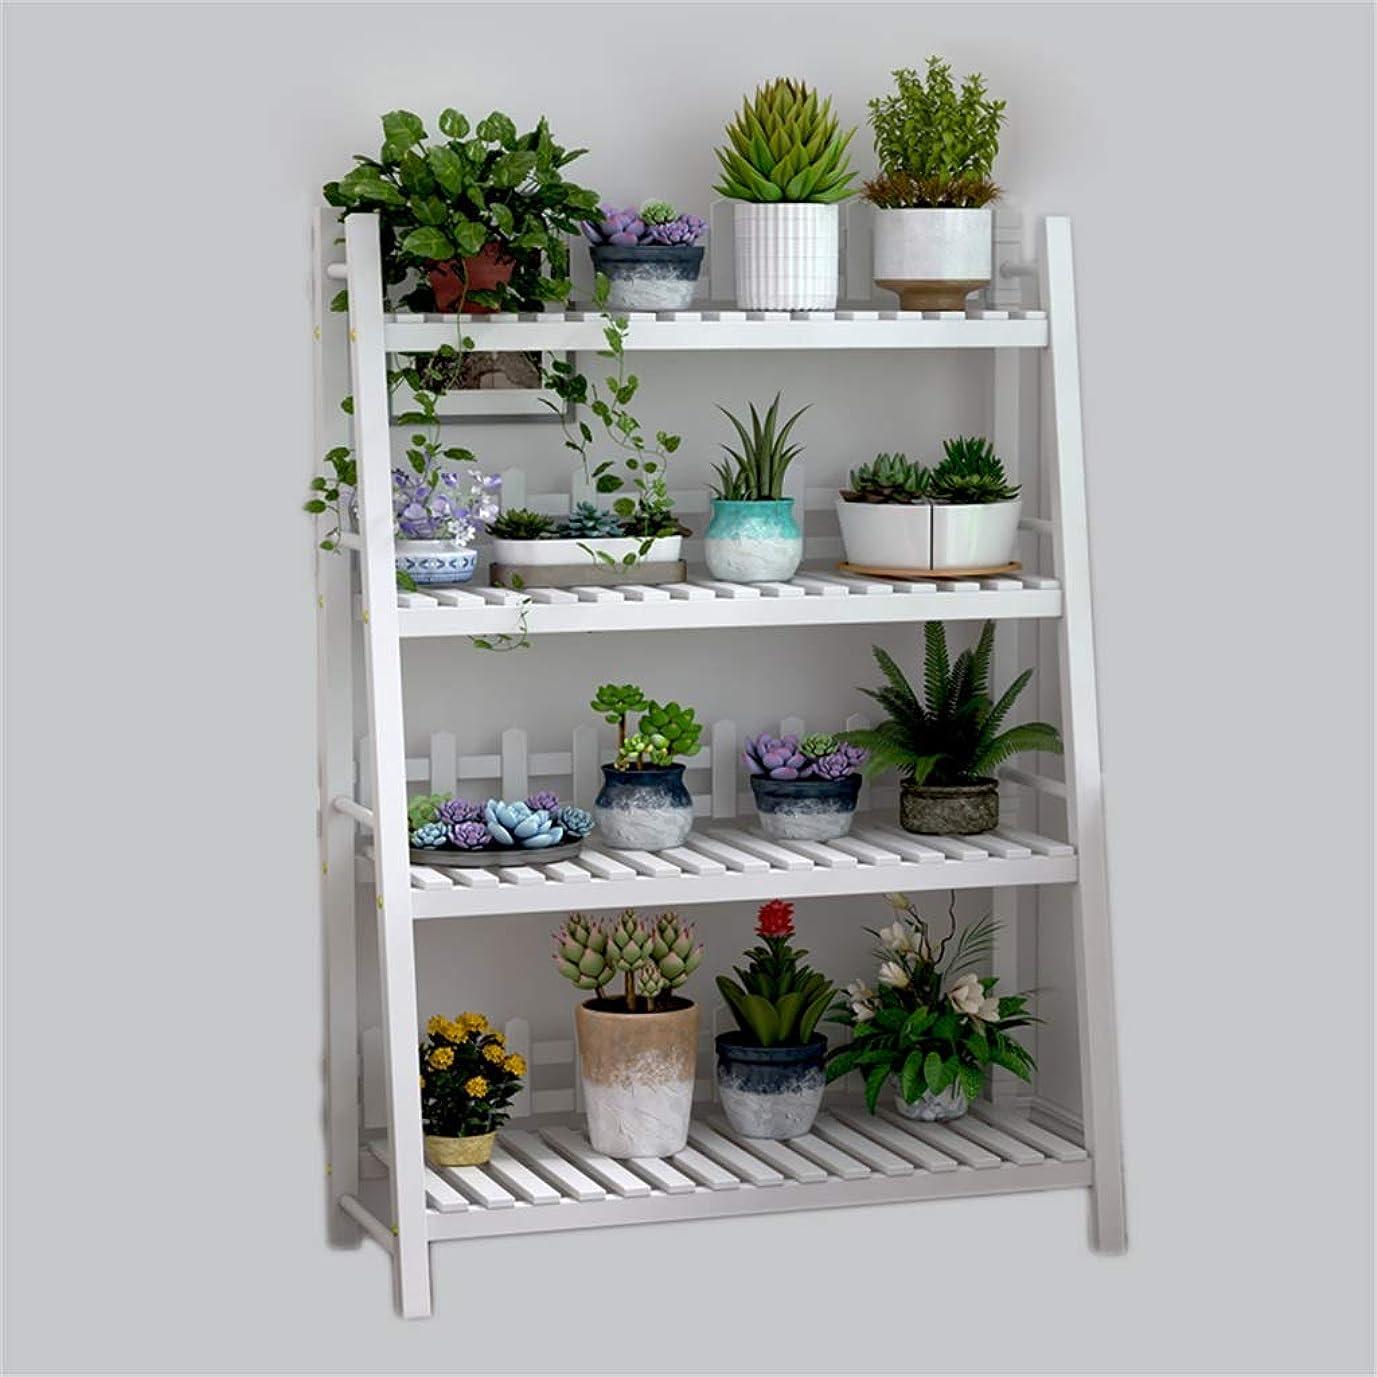 設計レンディション聴く堅牢 木製4層本棚フラワーポットディスプレイラック多機能はしご植物フラワースタンドディスプレイスタンド花/グリーン植物シンプル収納ラック AQSG